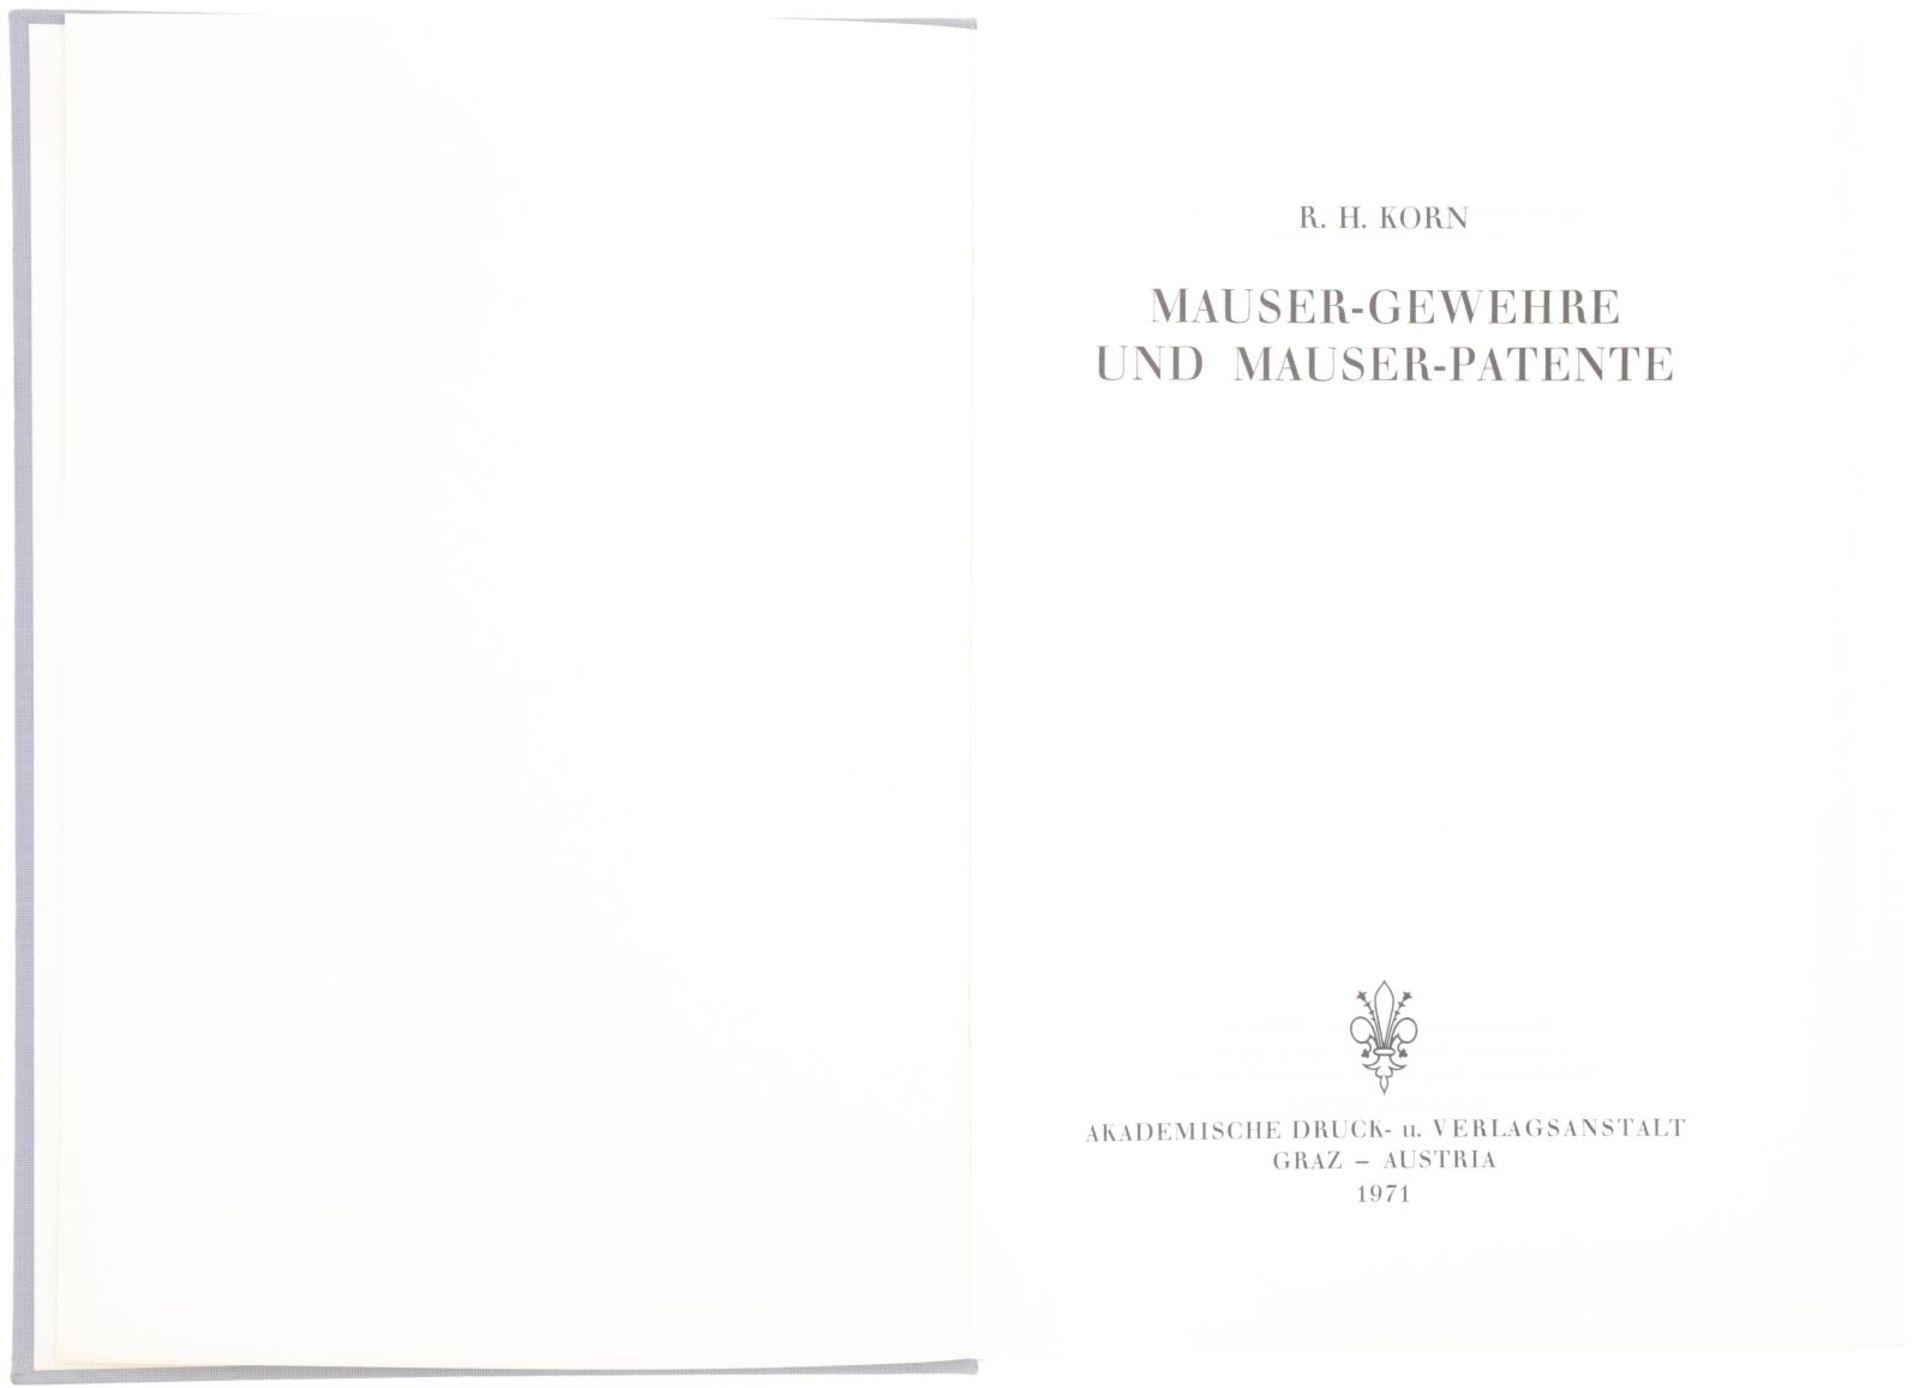 Mauser-Gewehre und Mauser-Patente, R.H.Korn@ Unveränderter Nachdruck der Originalausgabe 1908